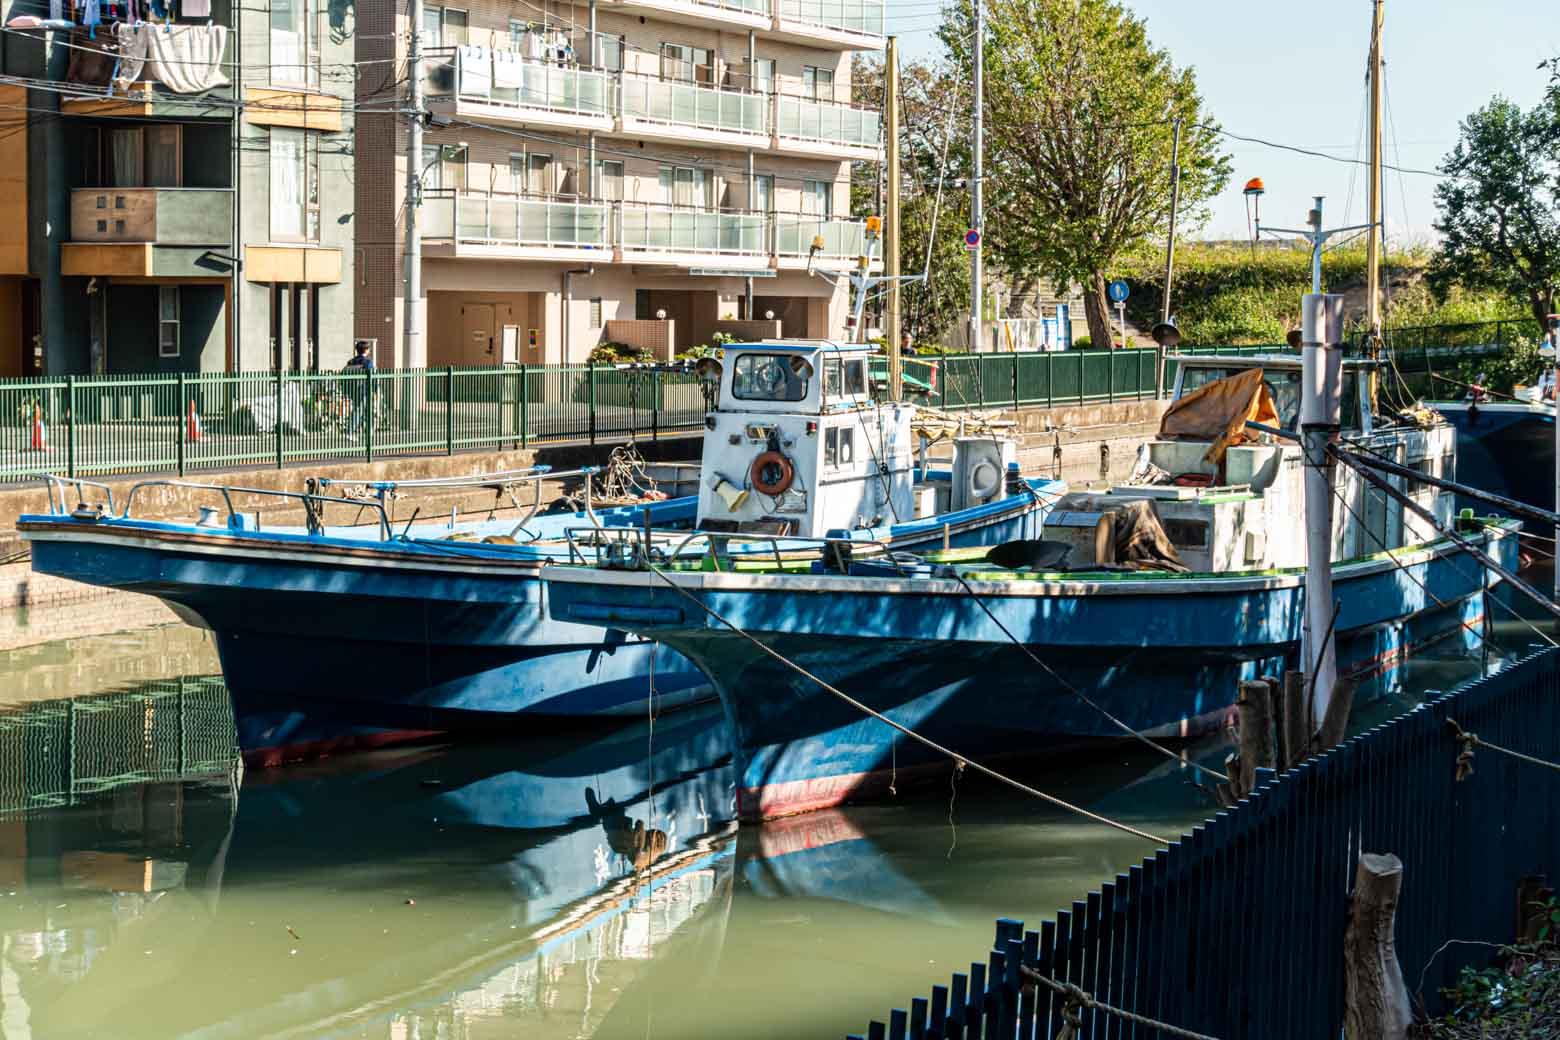 船がたくさん停まっています。近くに舟宿(屋形船や釣り船屋をレンタルを生業とする店舗)があり、ここから東京湾などに出船しているそうです。